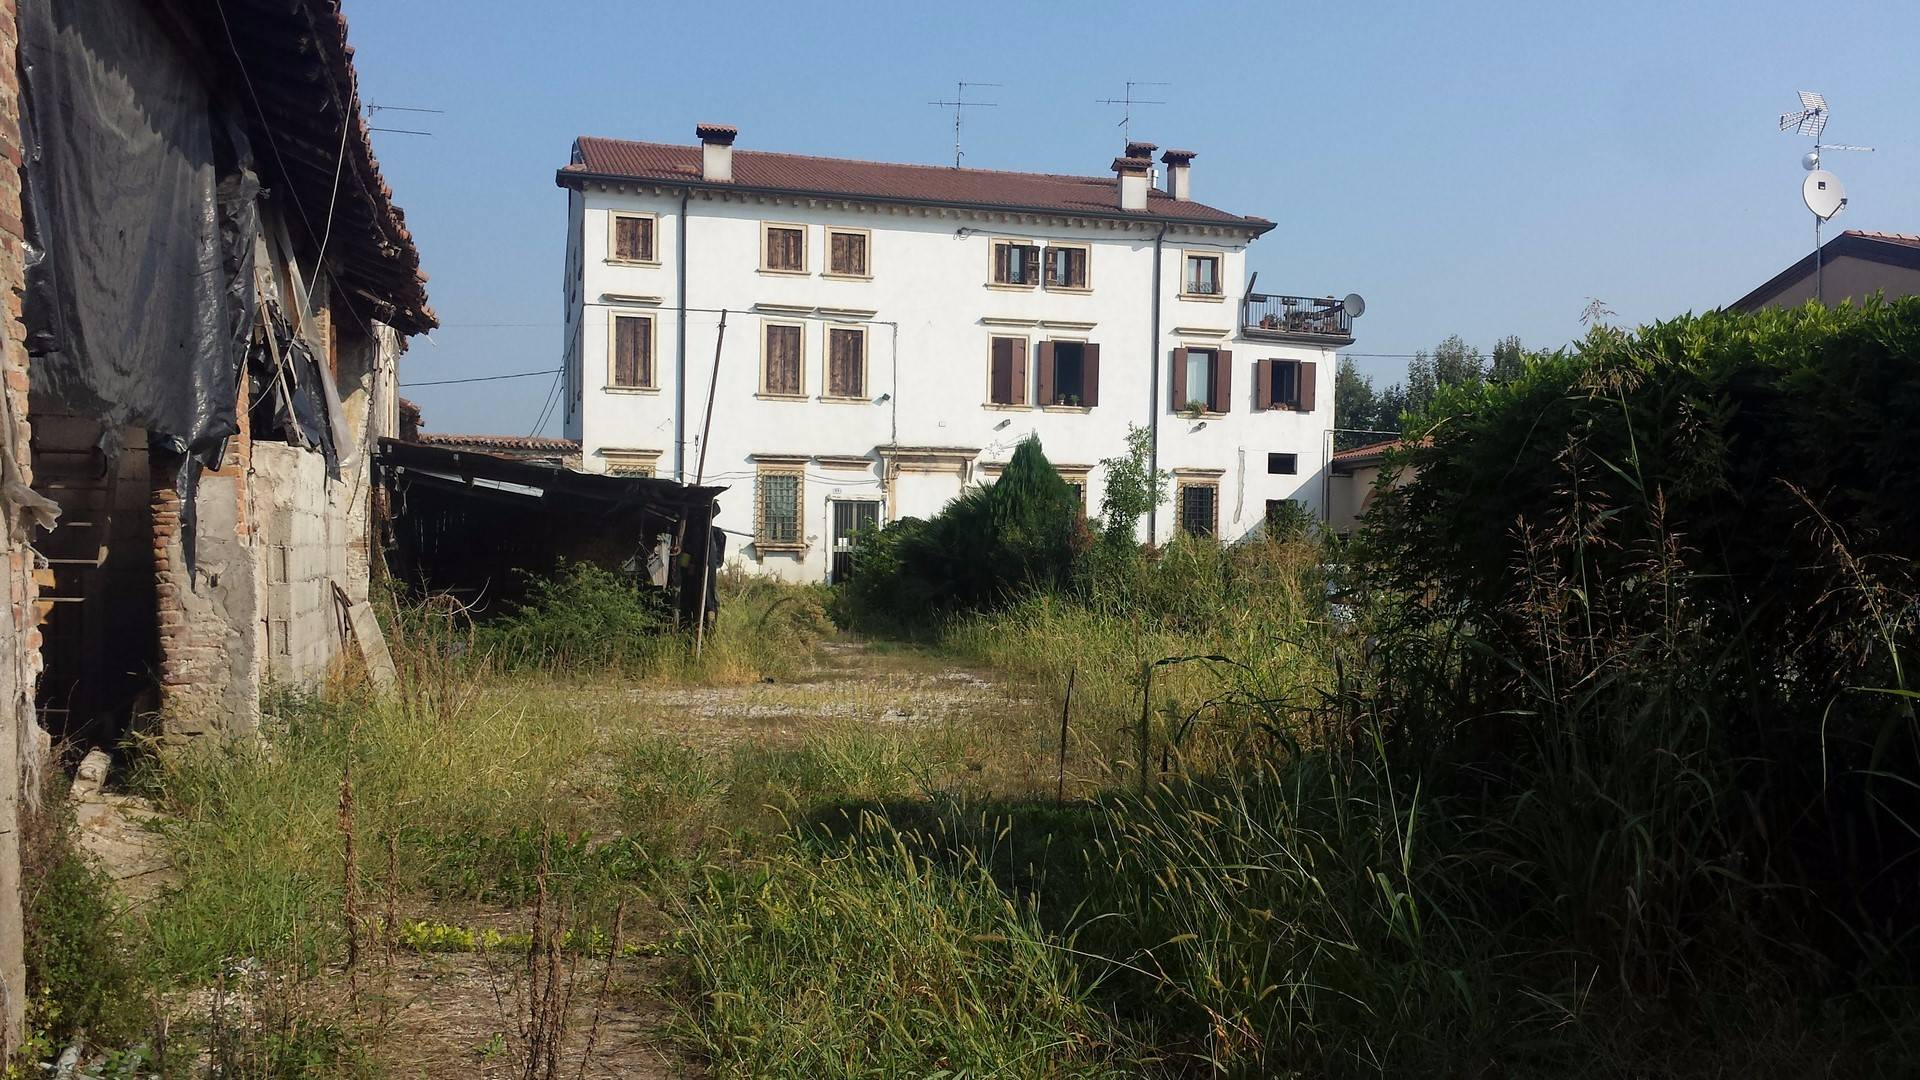 Rustico / Casale in vendita a Verona, 12 locali, zona Località: SanMichele, Trattative riservate | Cambio Casa.it